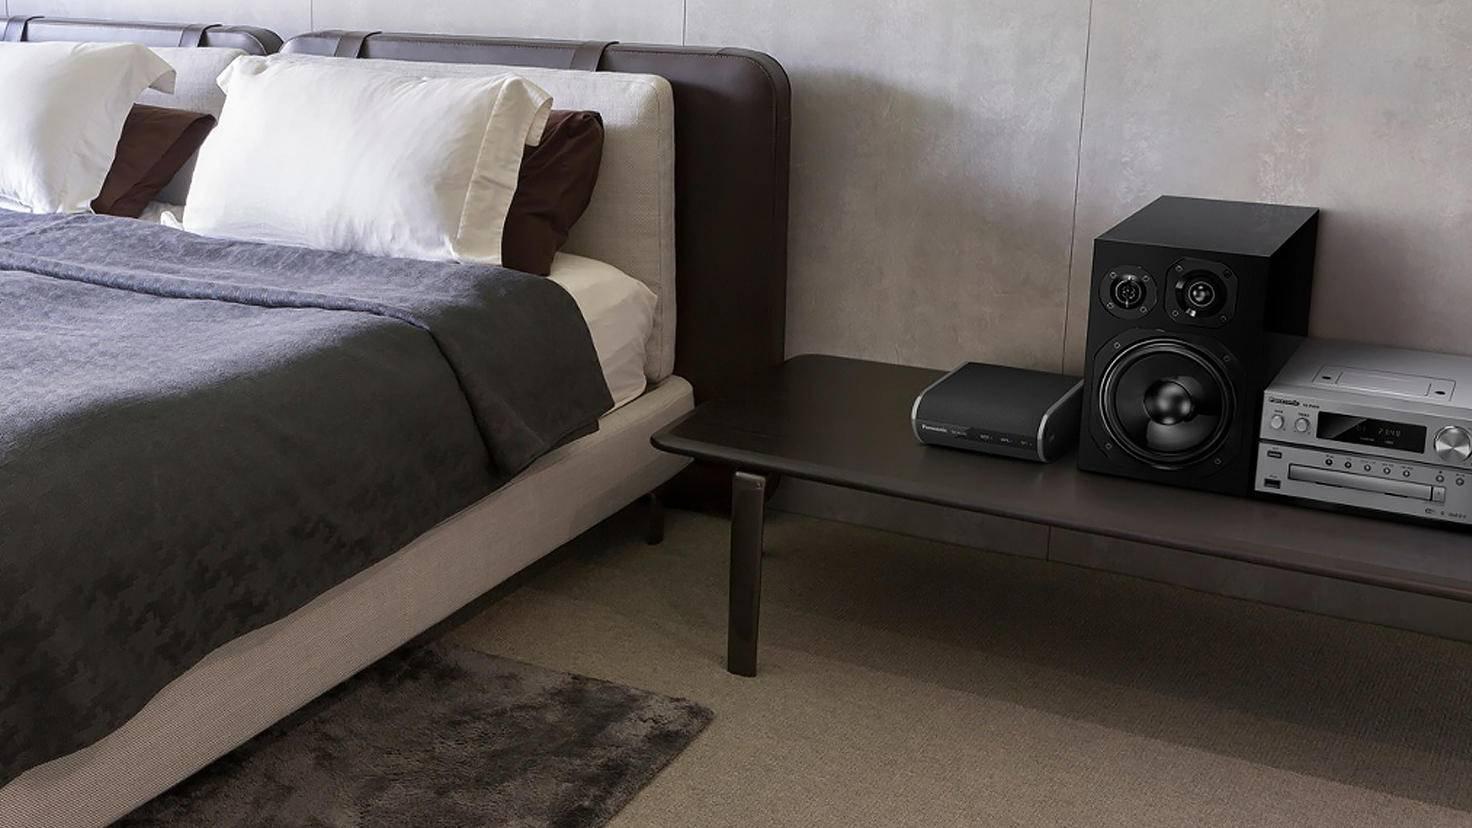 Über WLAN lassen sich zum Beispiel Audio-Geräte vernetzen.